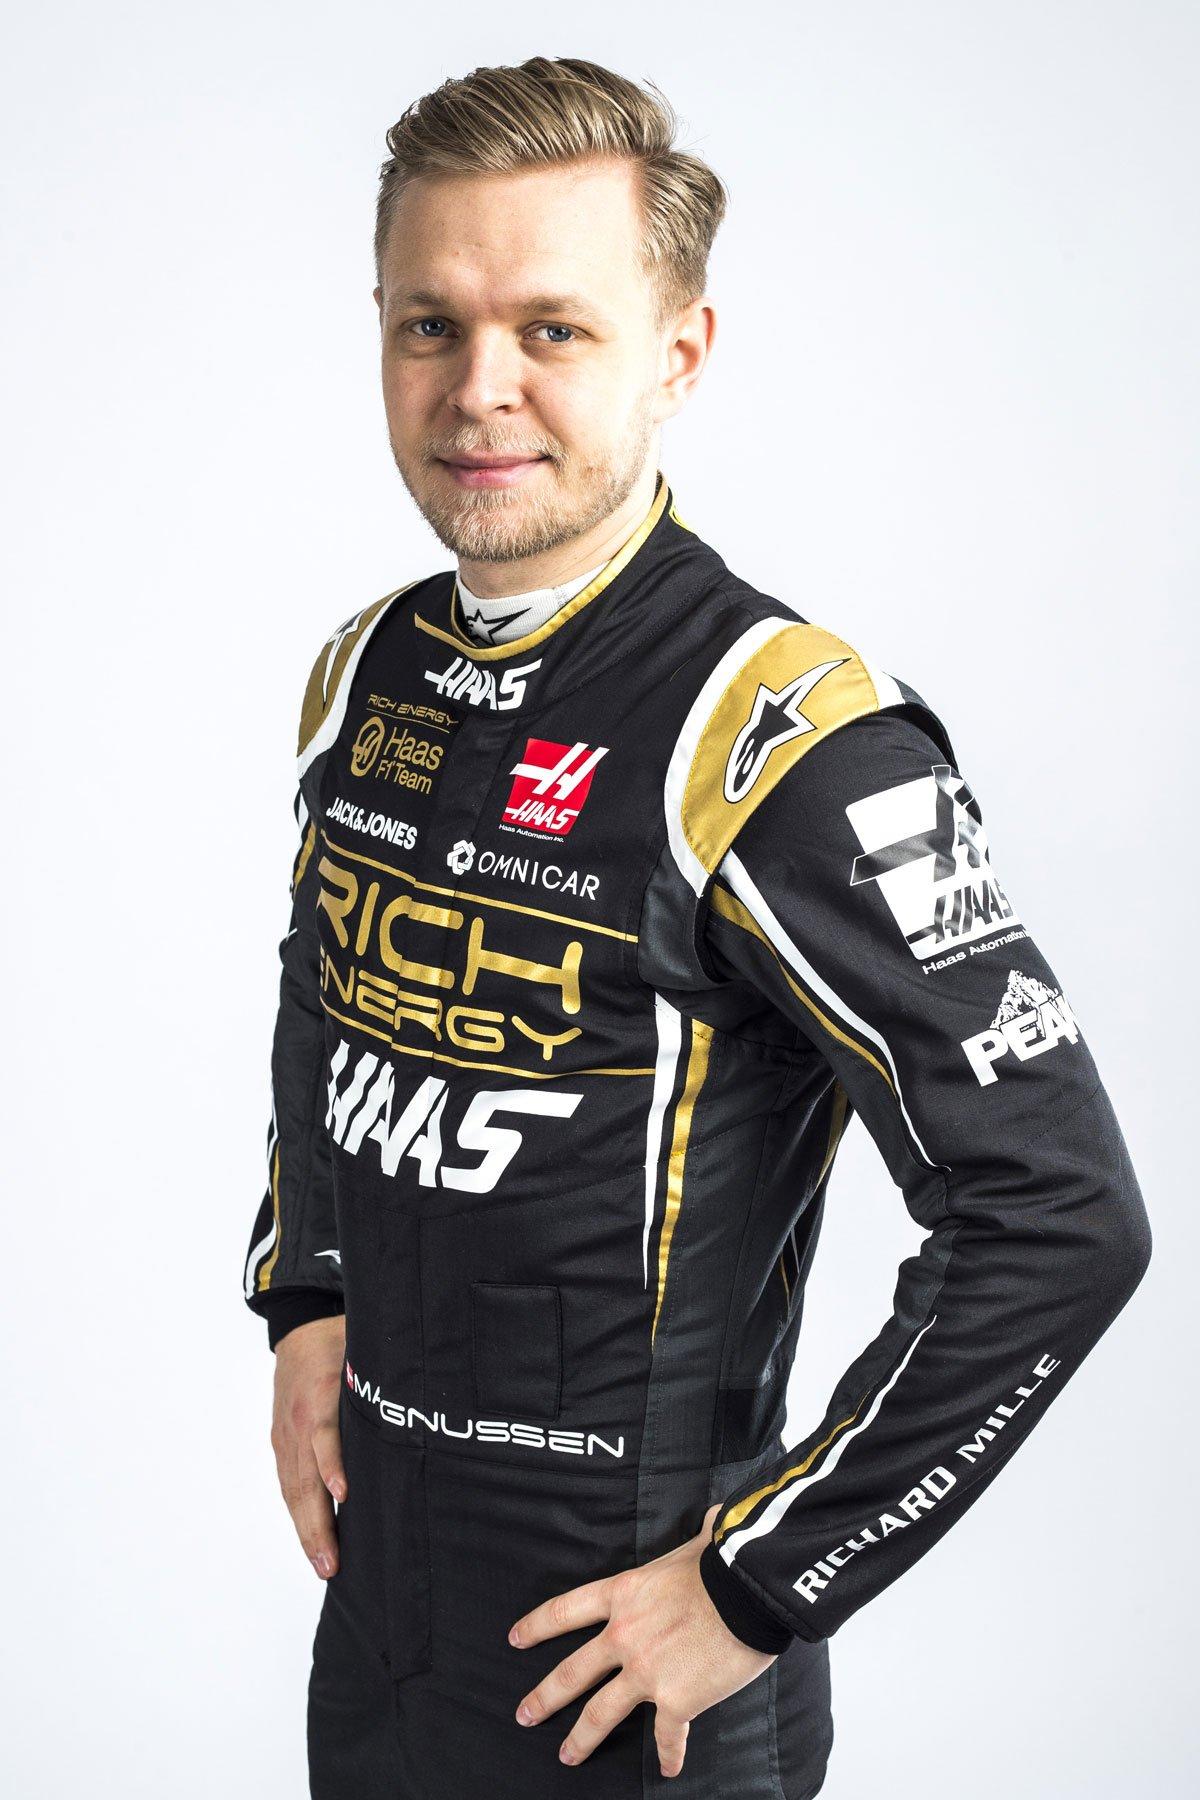 ケビン・マグヌッセン リッチエナジー・ハースF1チーム